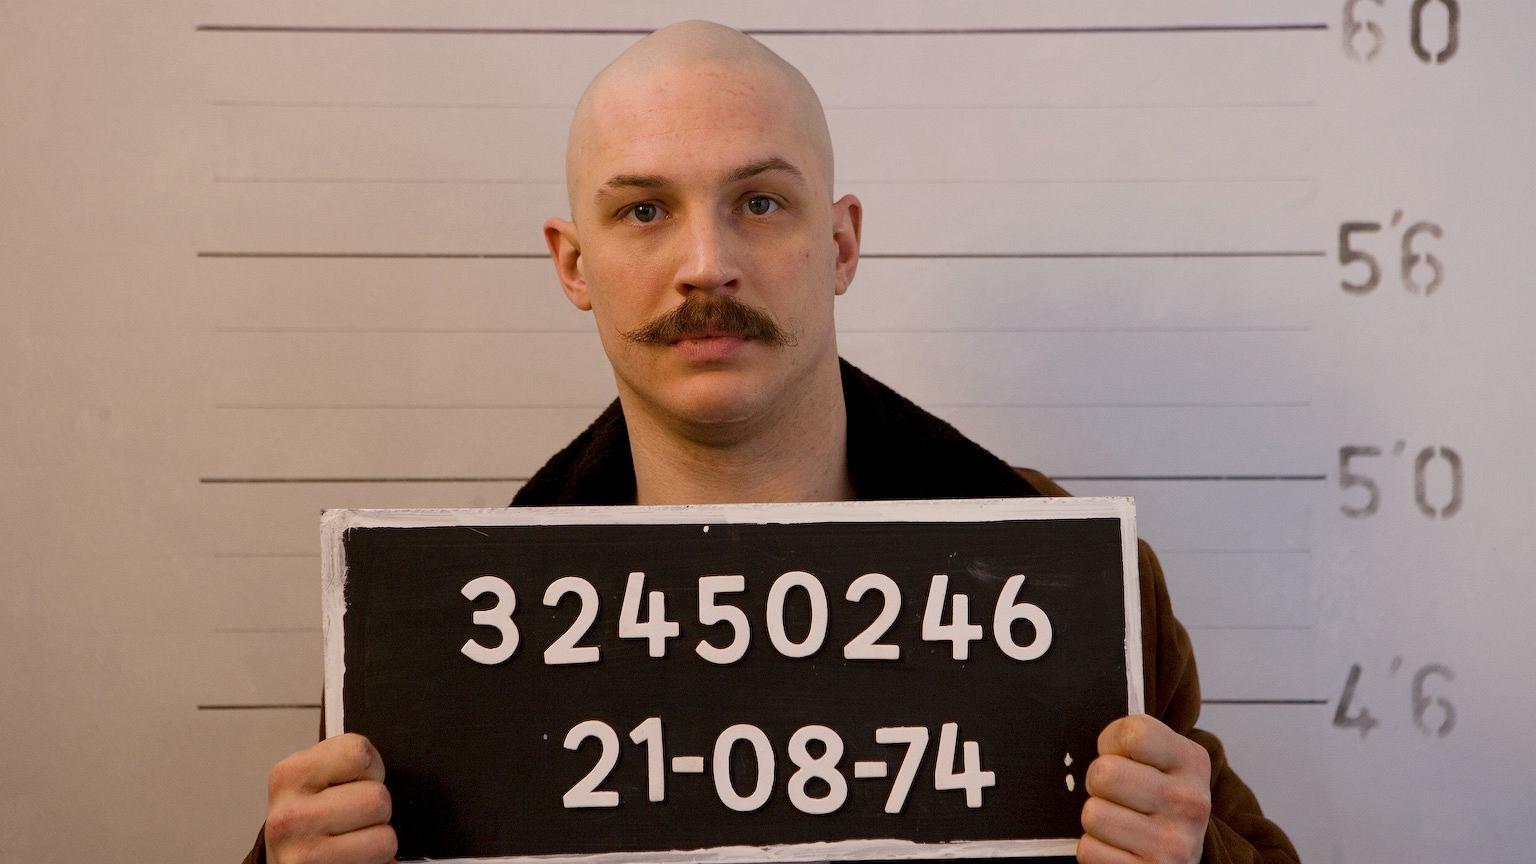 Chciał zostać największym i najbrutalniejszym przestępcą na Wyspach. Charles Bronson osiągnął swój cel